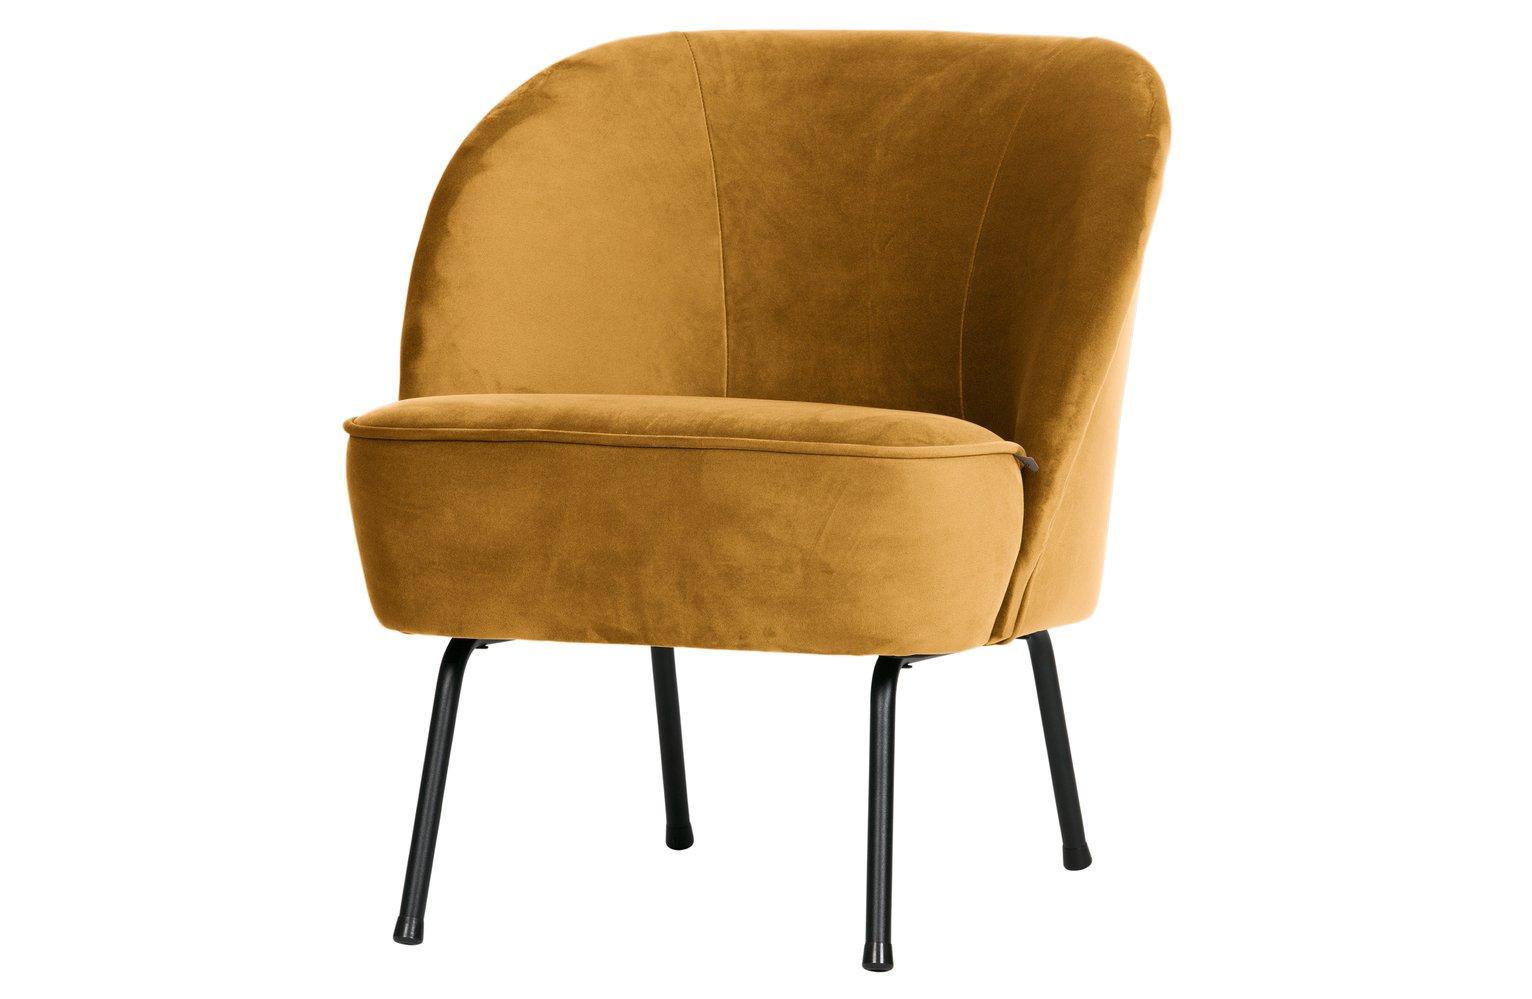 BePureHome Vogue Velvet Armchair - Mustard